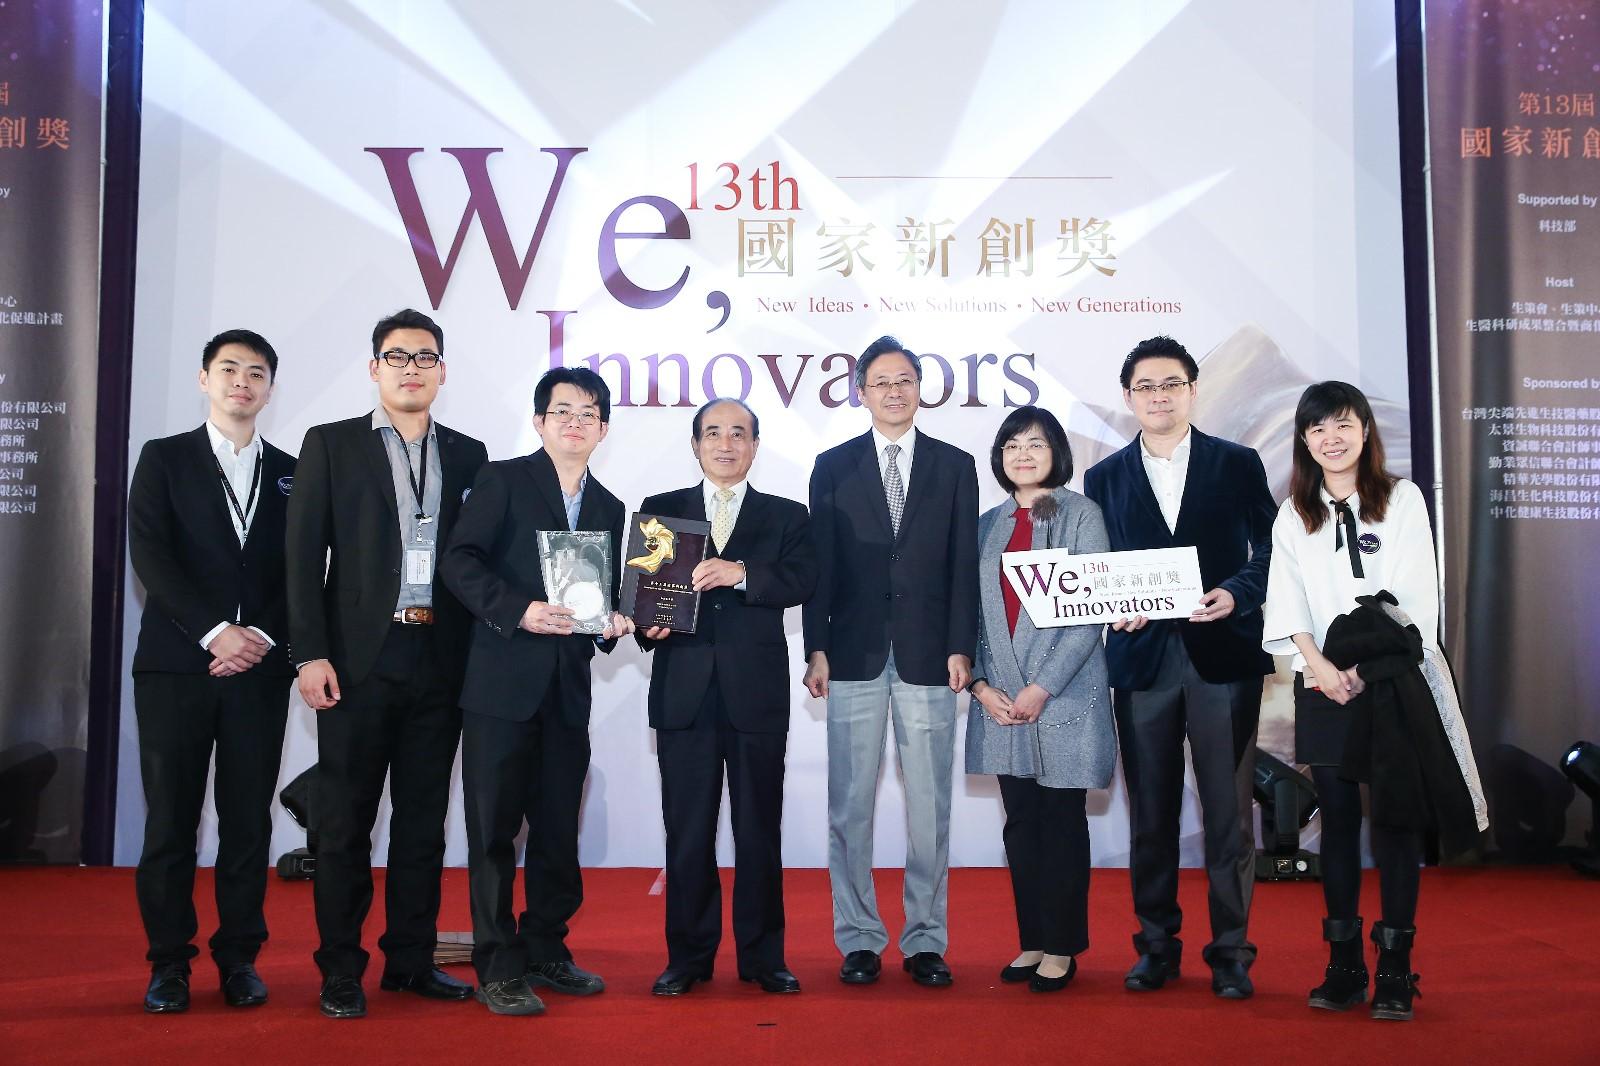 普瑞博生技獲頒國家新創獎,創辦人為中原大學老師張雍(左3),是校園衍生企業的典範。.jpg